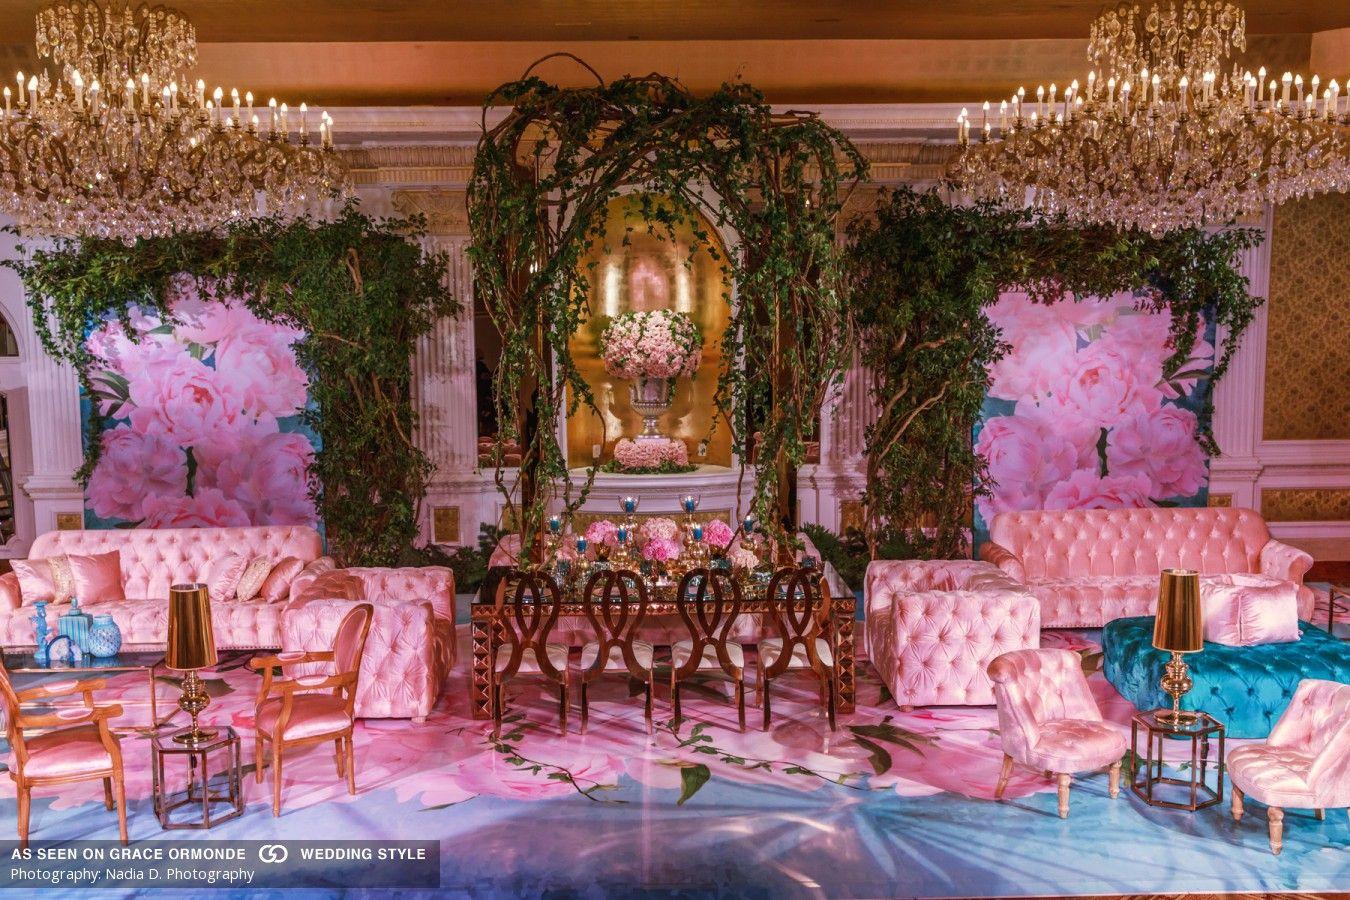 Garden City Hotel Enchanted Garden Wedding Photo Shoot Design